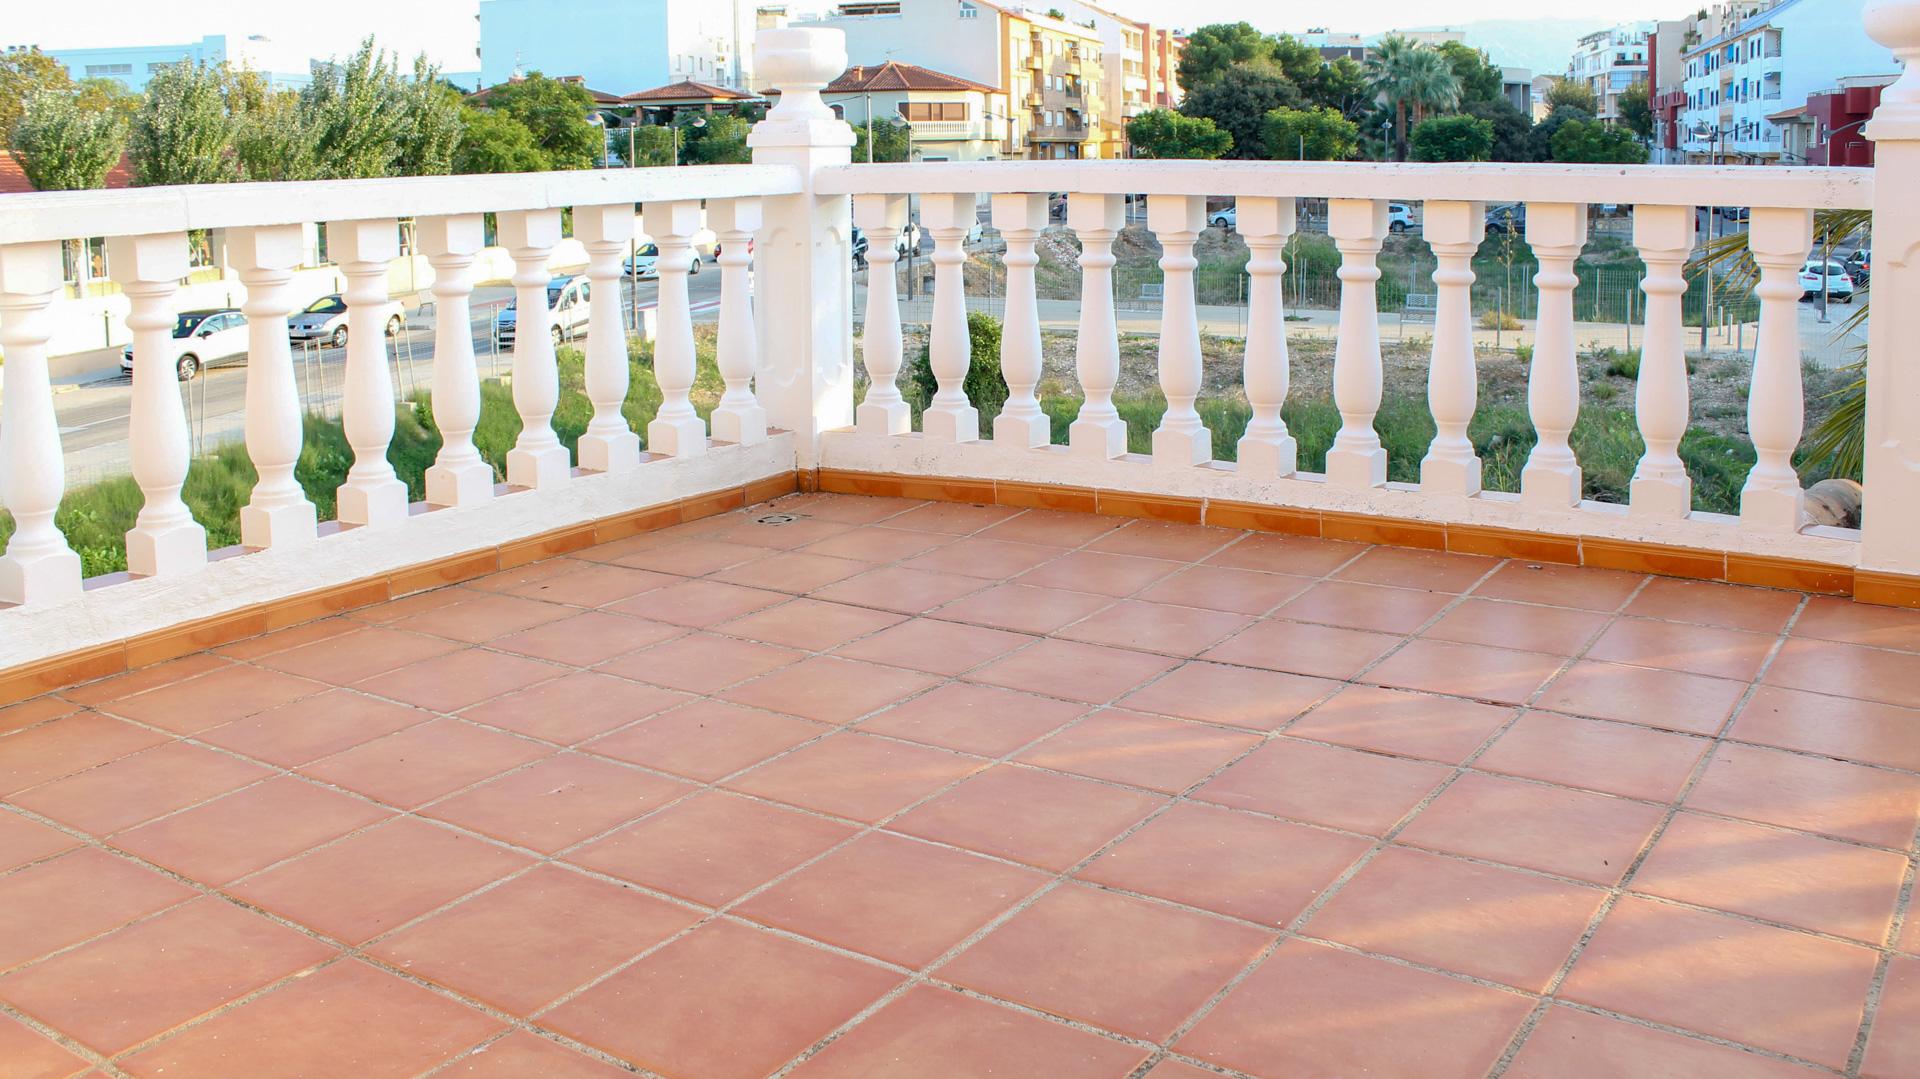 vitalcasa.sooprema-propiedades_5dc400a100697-source